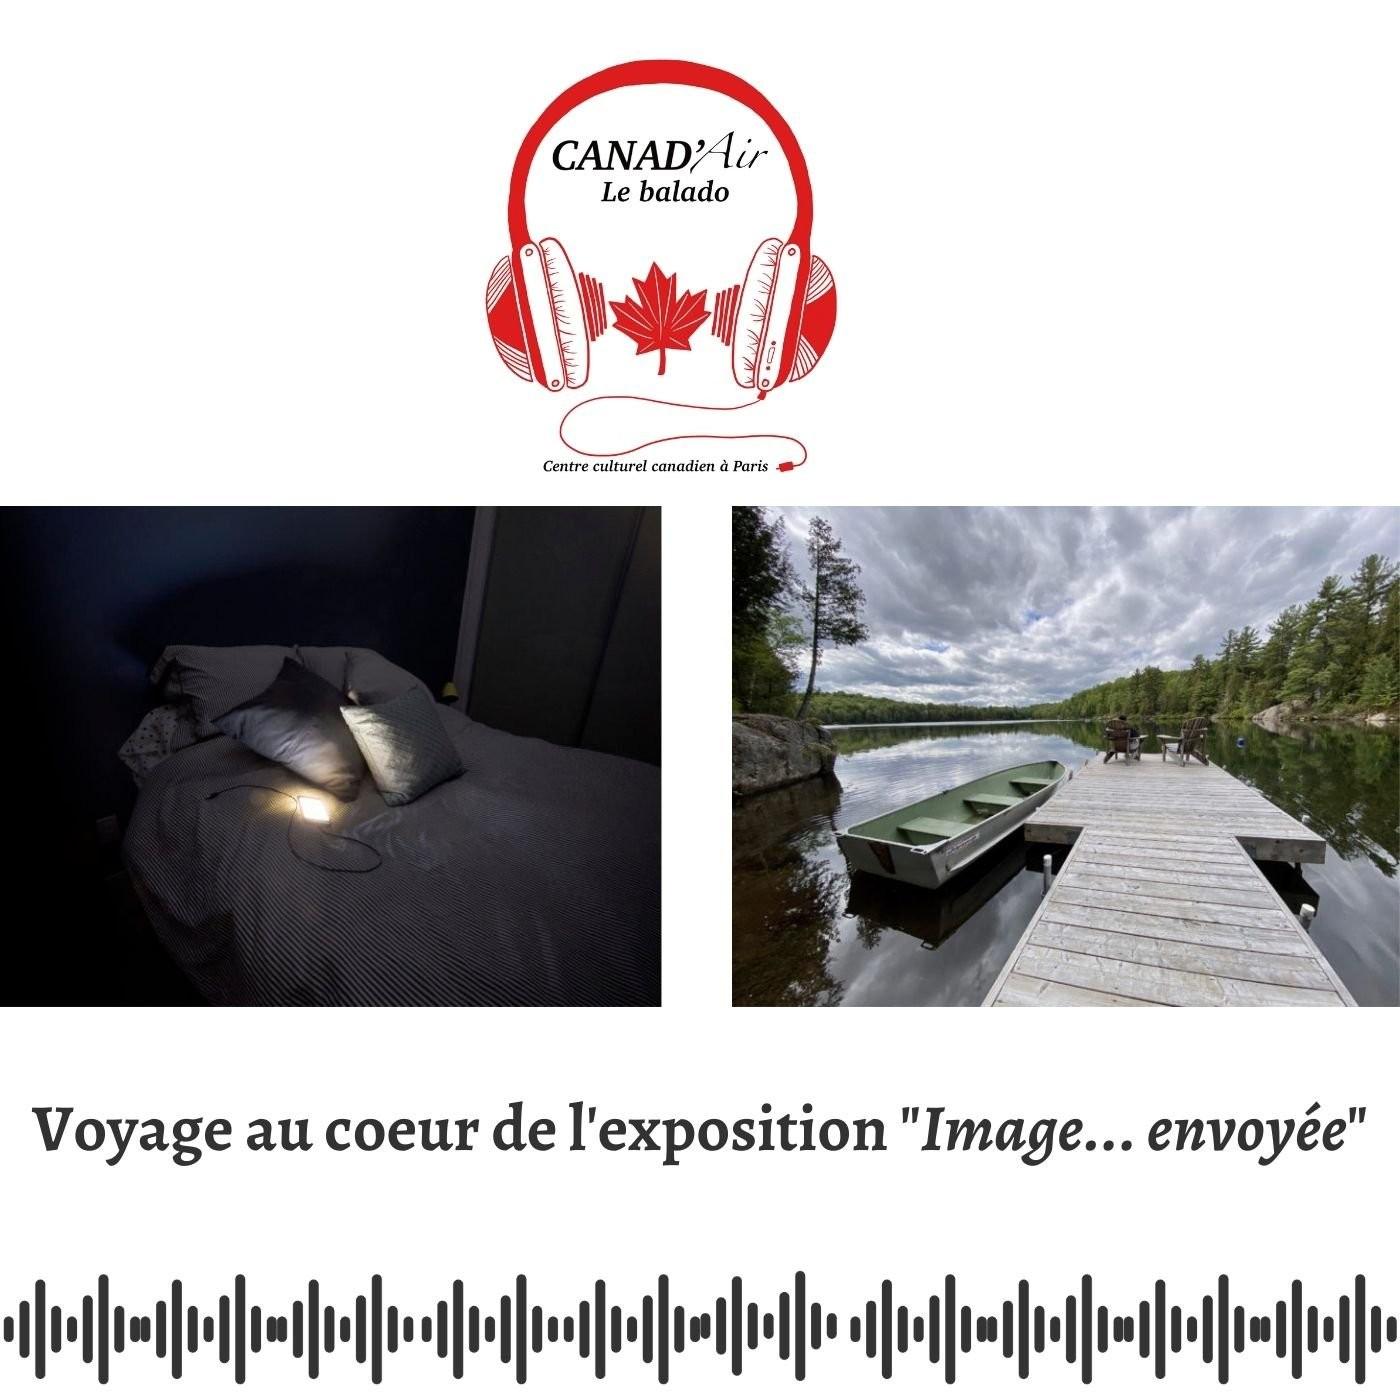 """Confinement, dons et amitié Canada France - Voyage au cœur de l'exposition """"Image ... envoyée"""""""